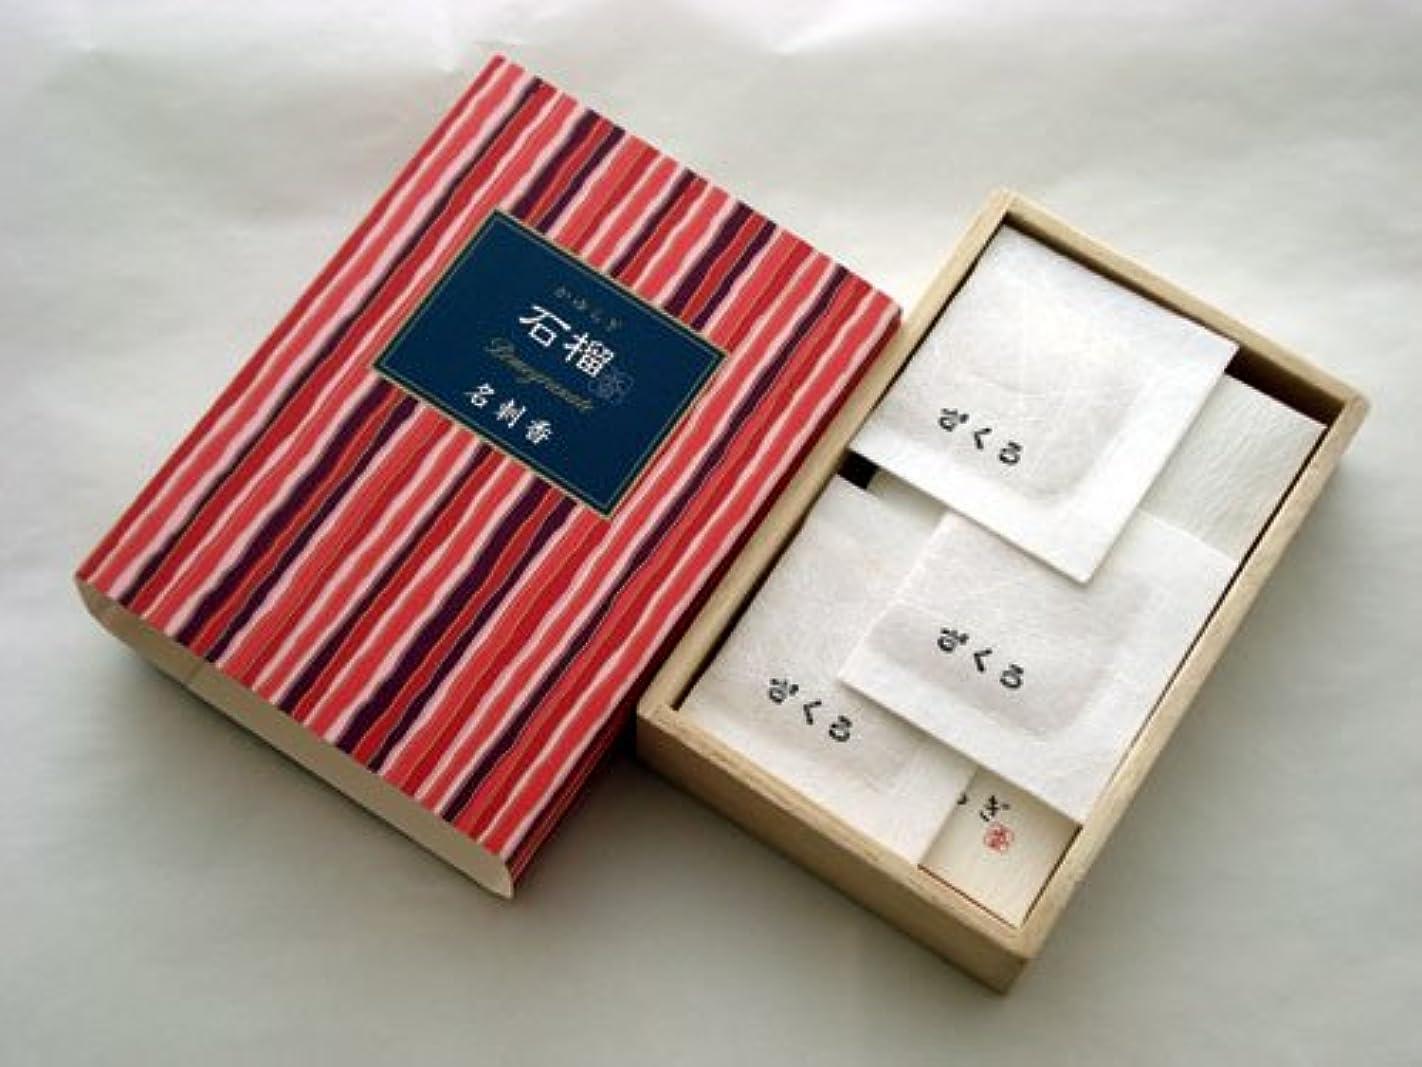 しょっぱい傘純正かゆらぎ 石榴(ざくろ) 名刺香 桐箱6入